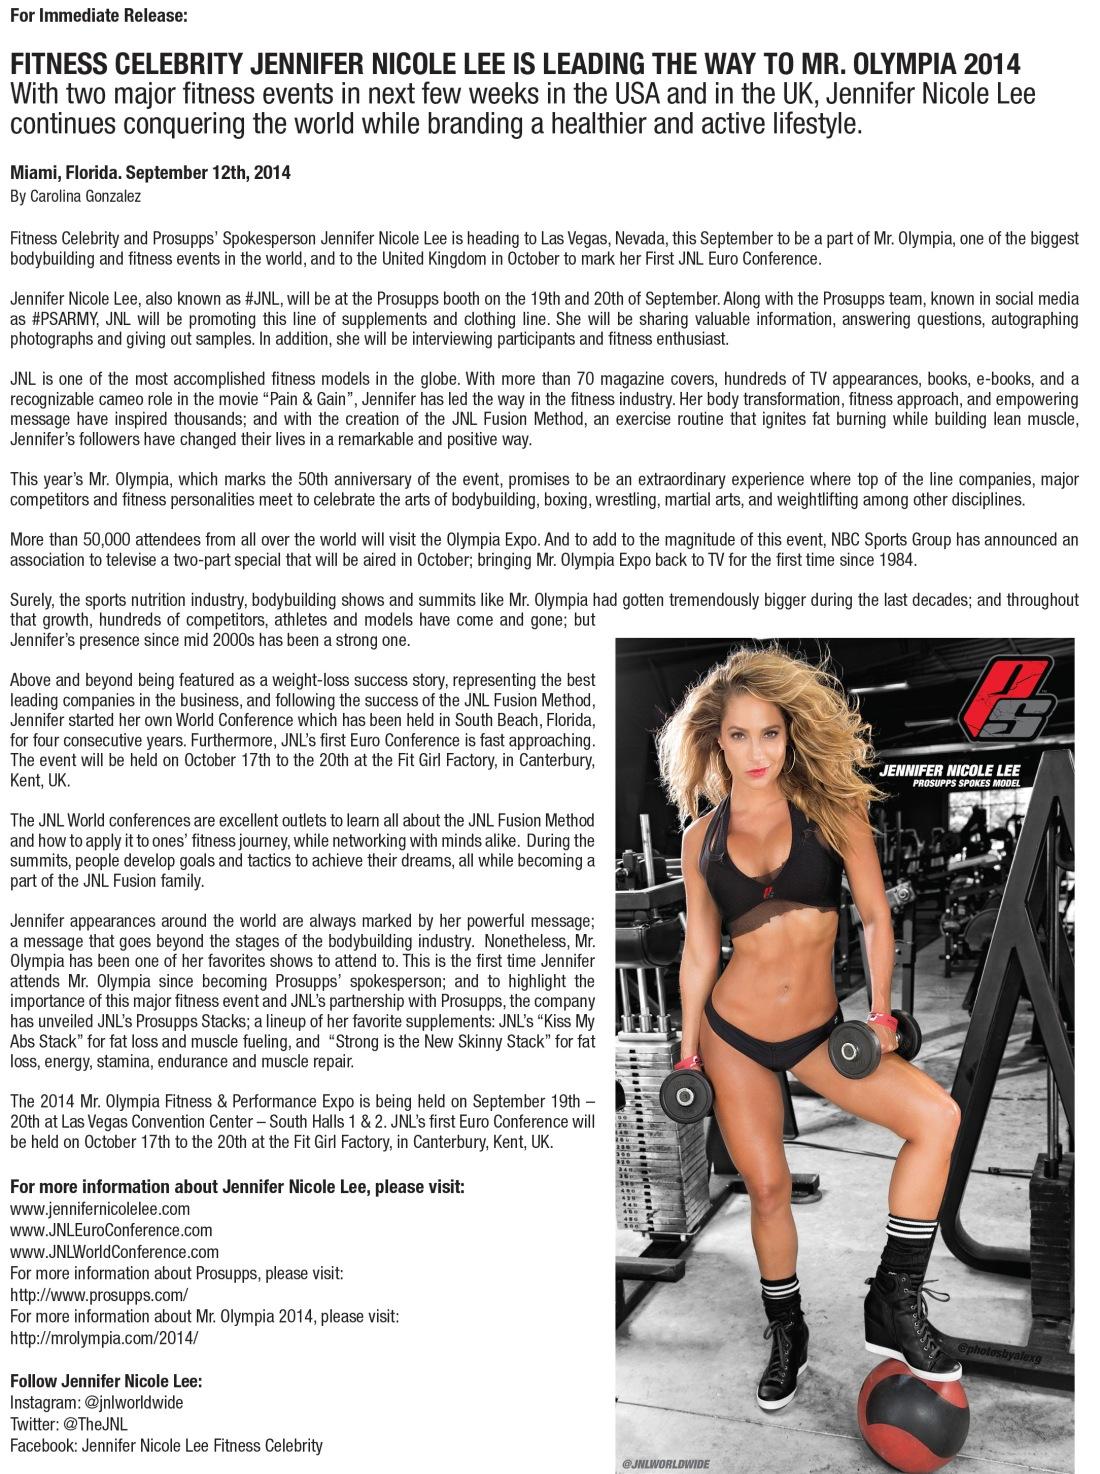 Press Release by Writer Carolina Gonzalez - CarolinasWords